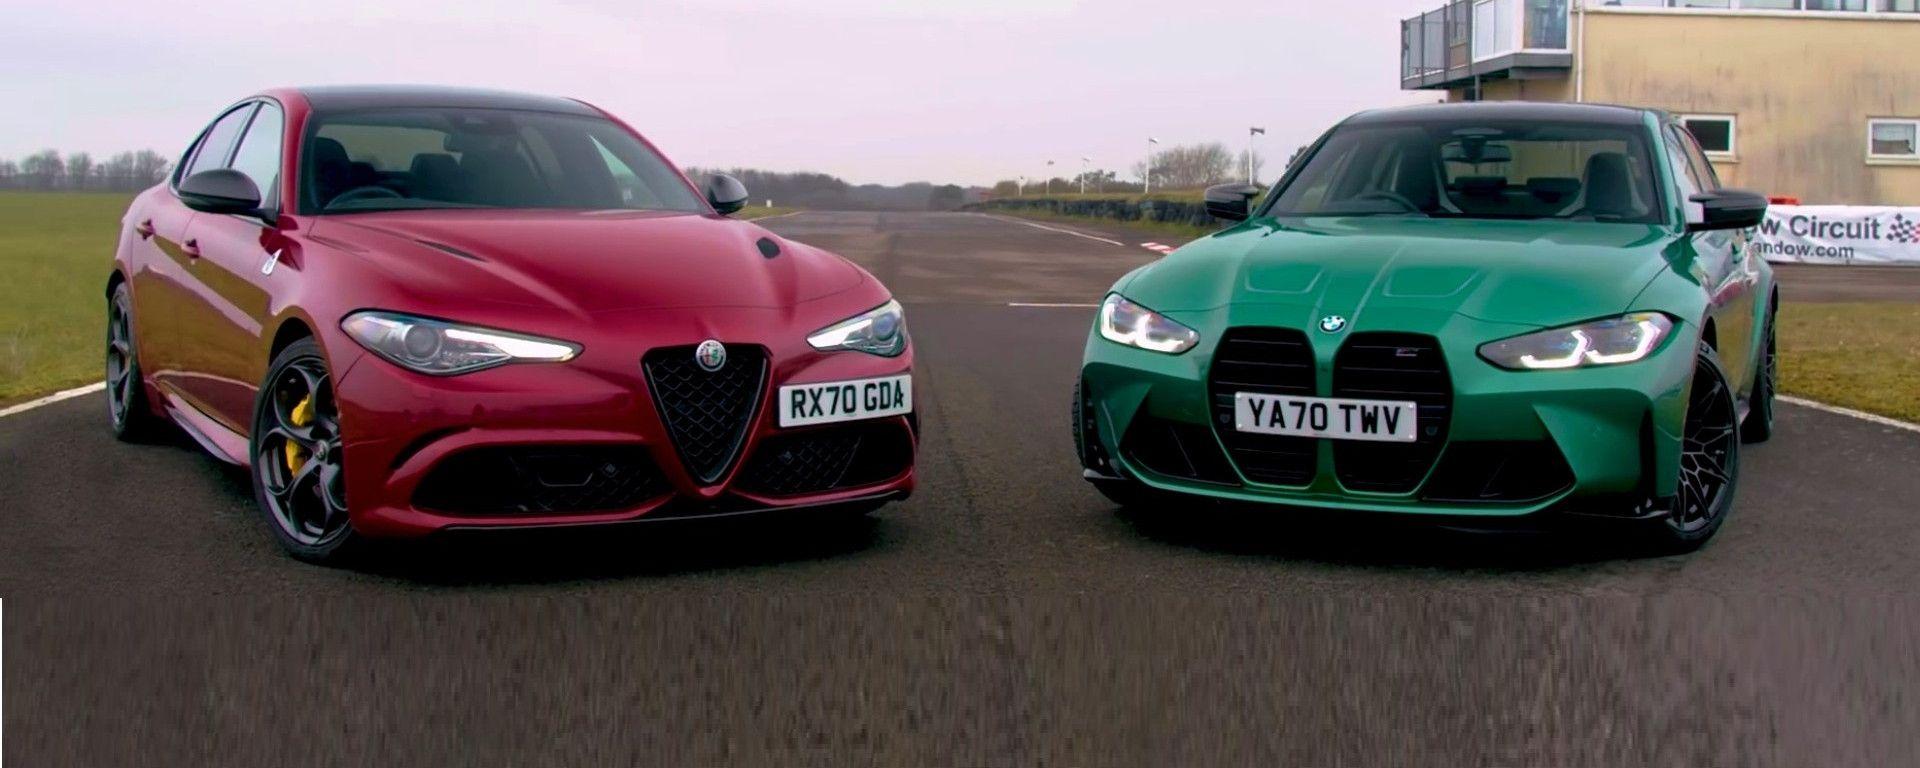 Alfa Romeo Giulia Quadrifoglio vs BMW M3 Competition - dal video di Auto Express